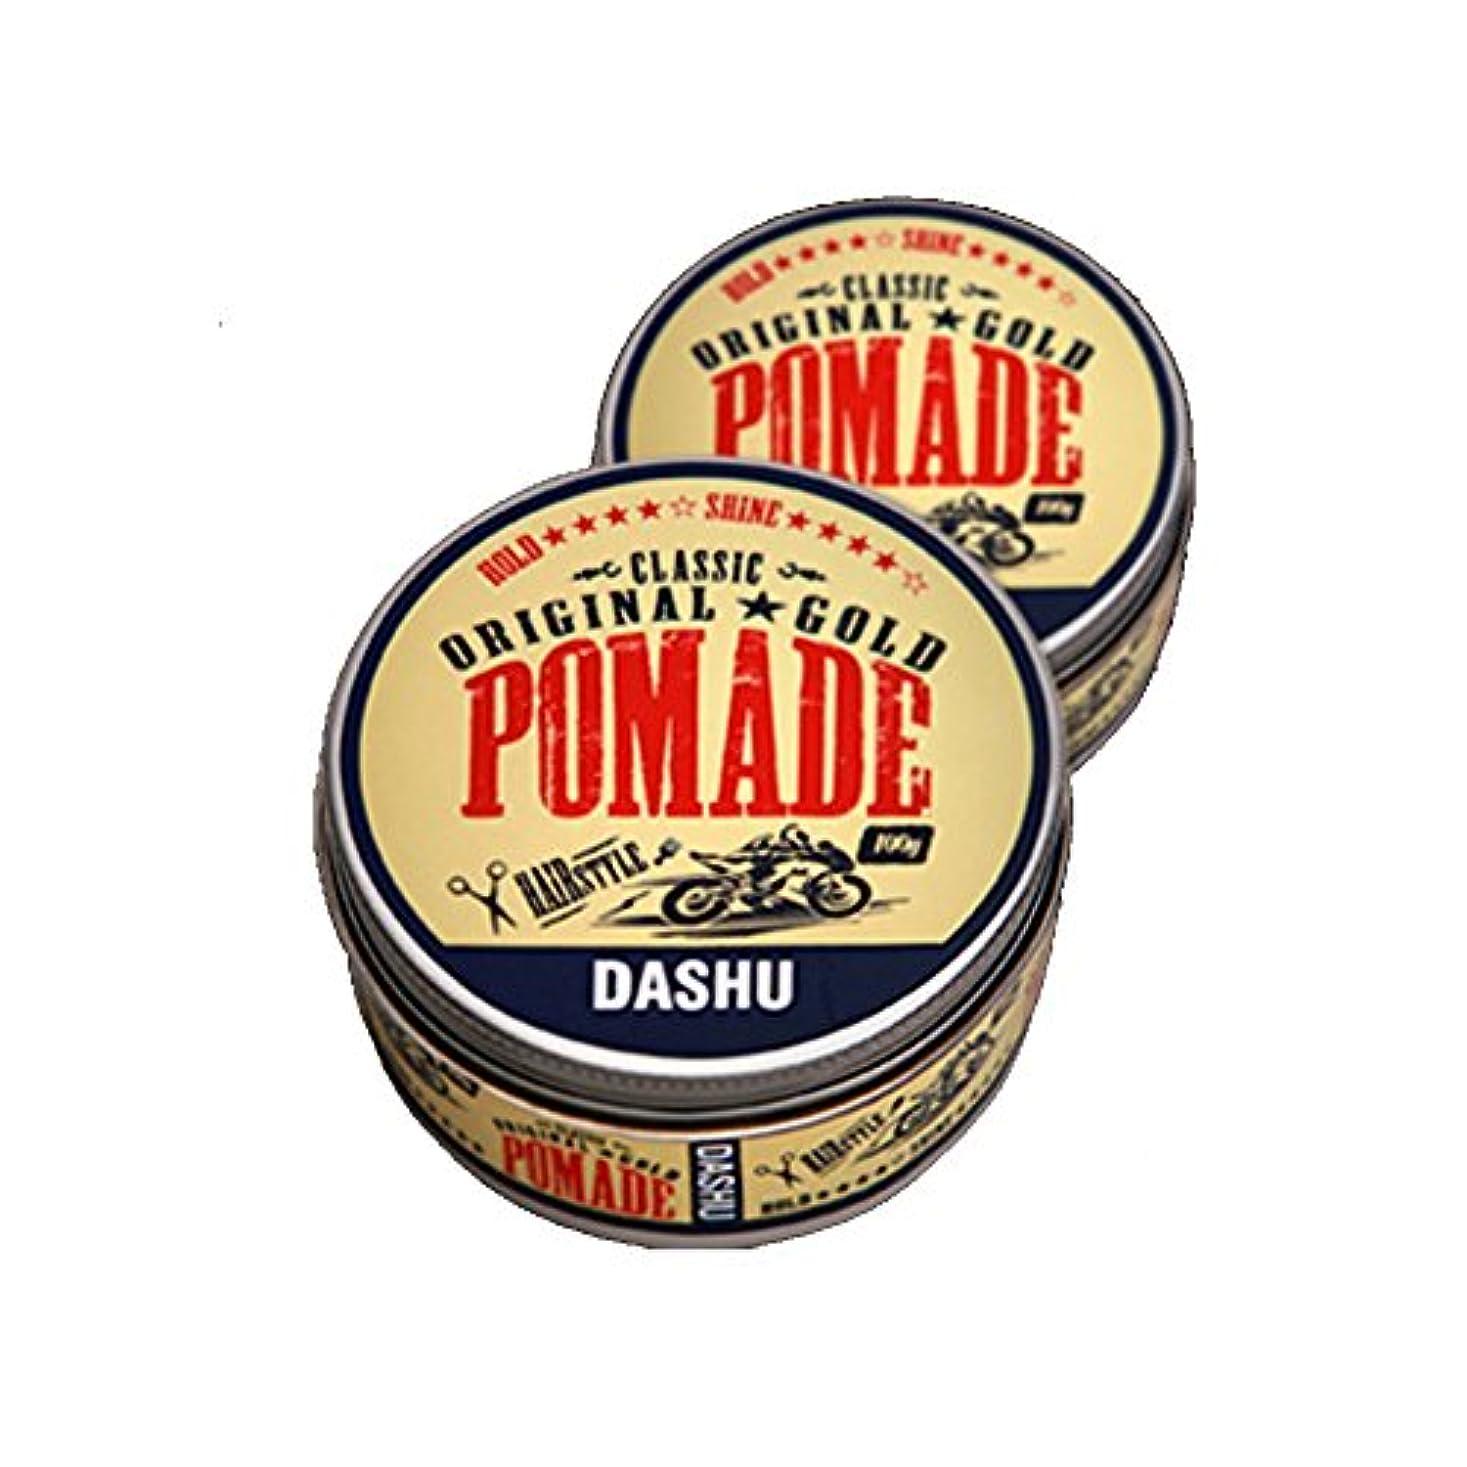 水上きつく(2個セット) x [DASHU] ダシュ クラシックオリジナルゴールドポマードヘアワックス Classic Original Gold Pomade Hair Wax 100ml / 韓国製 . 韓国直送品